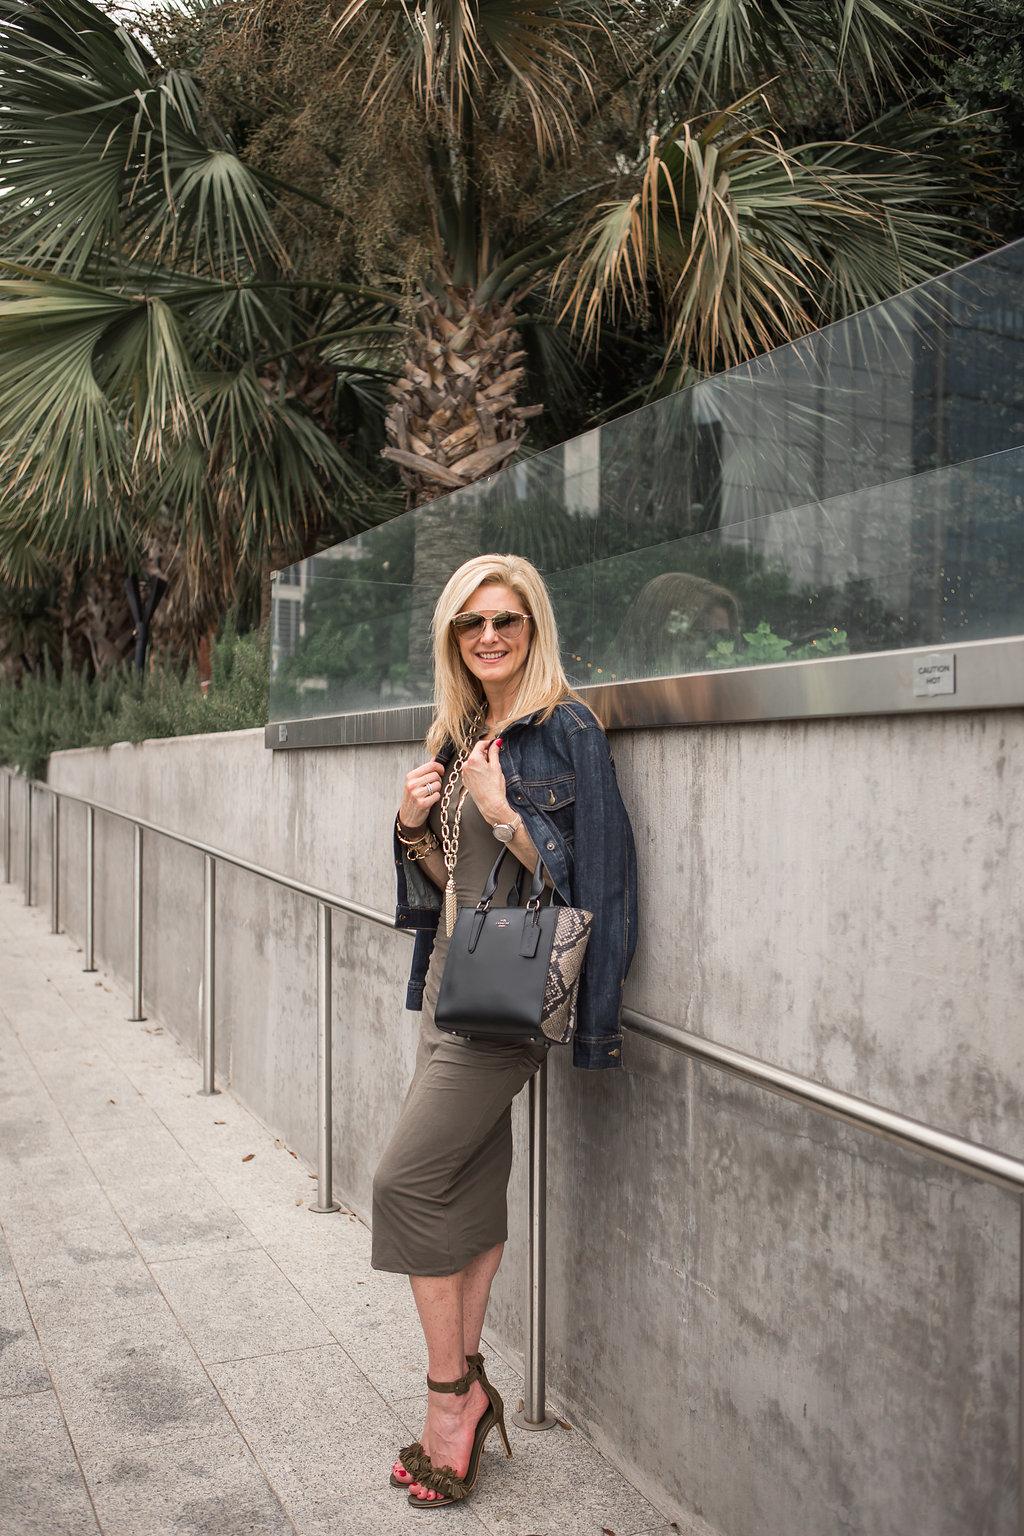 Tanya Foster blog, James Perse Dress, Nordstrom sale, Coach bag, denim jacket